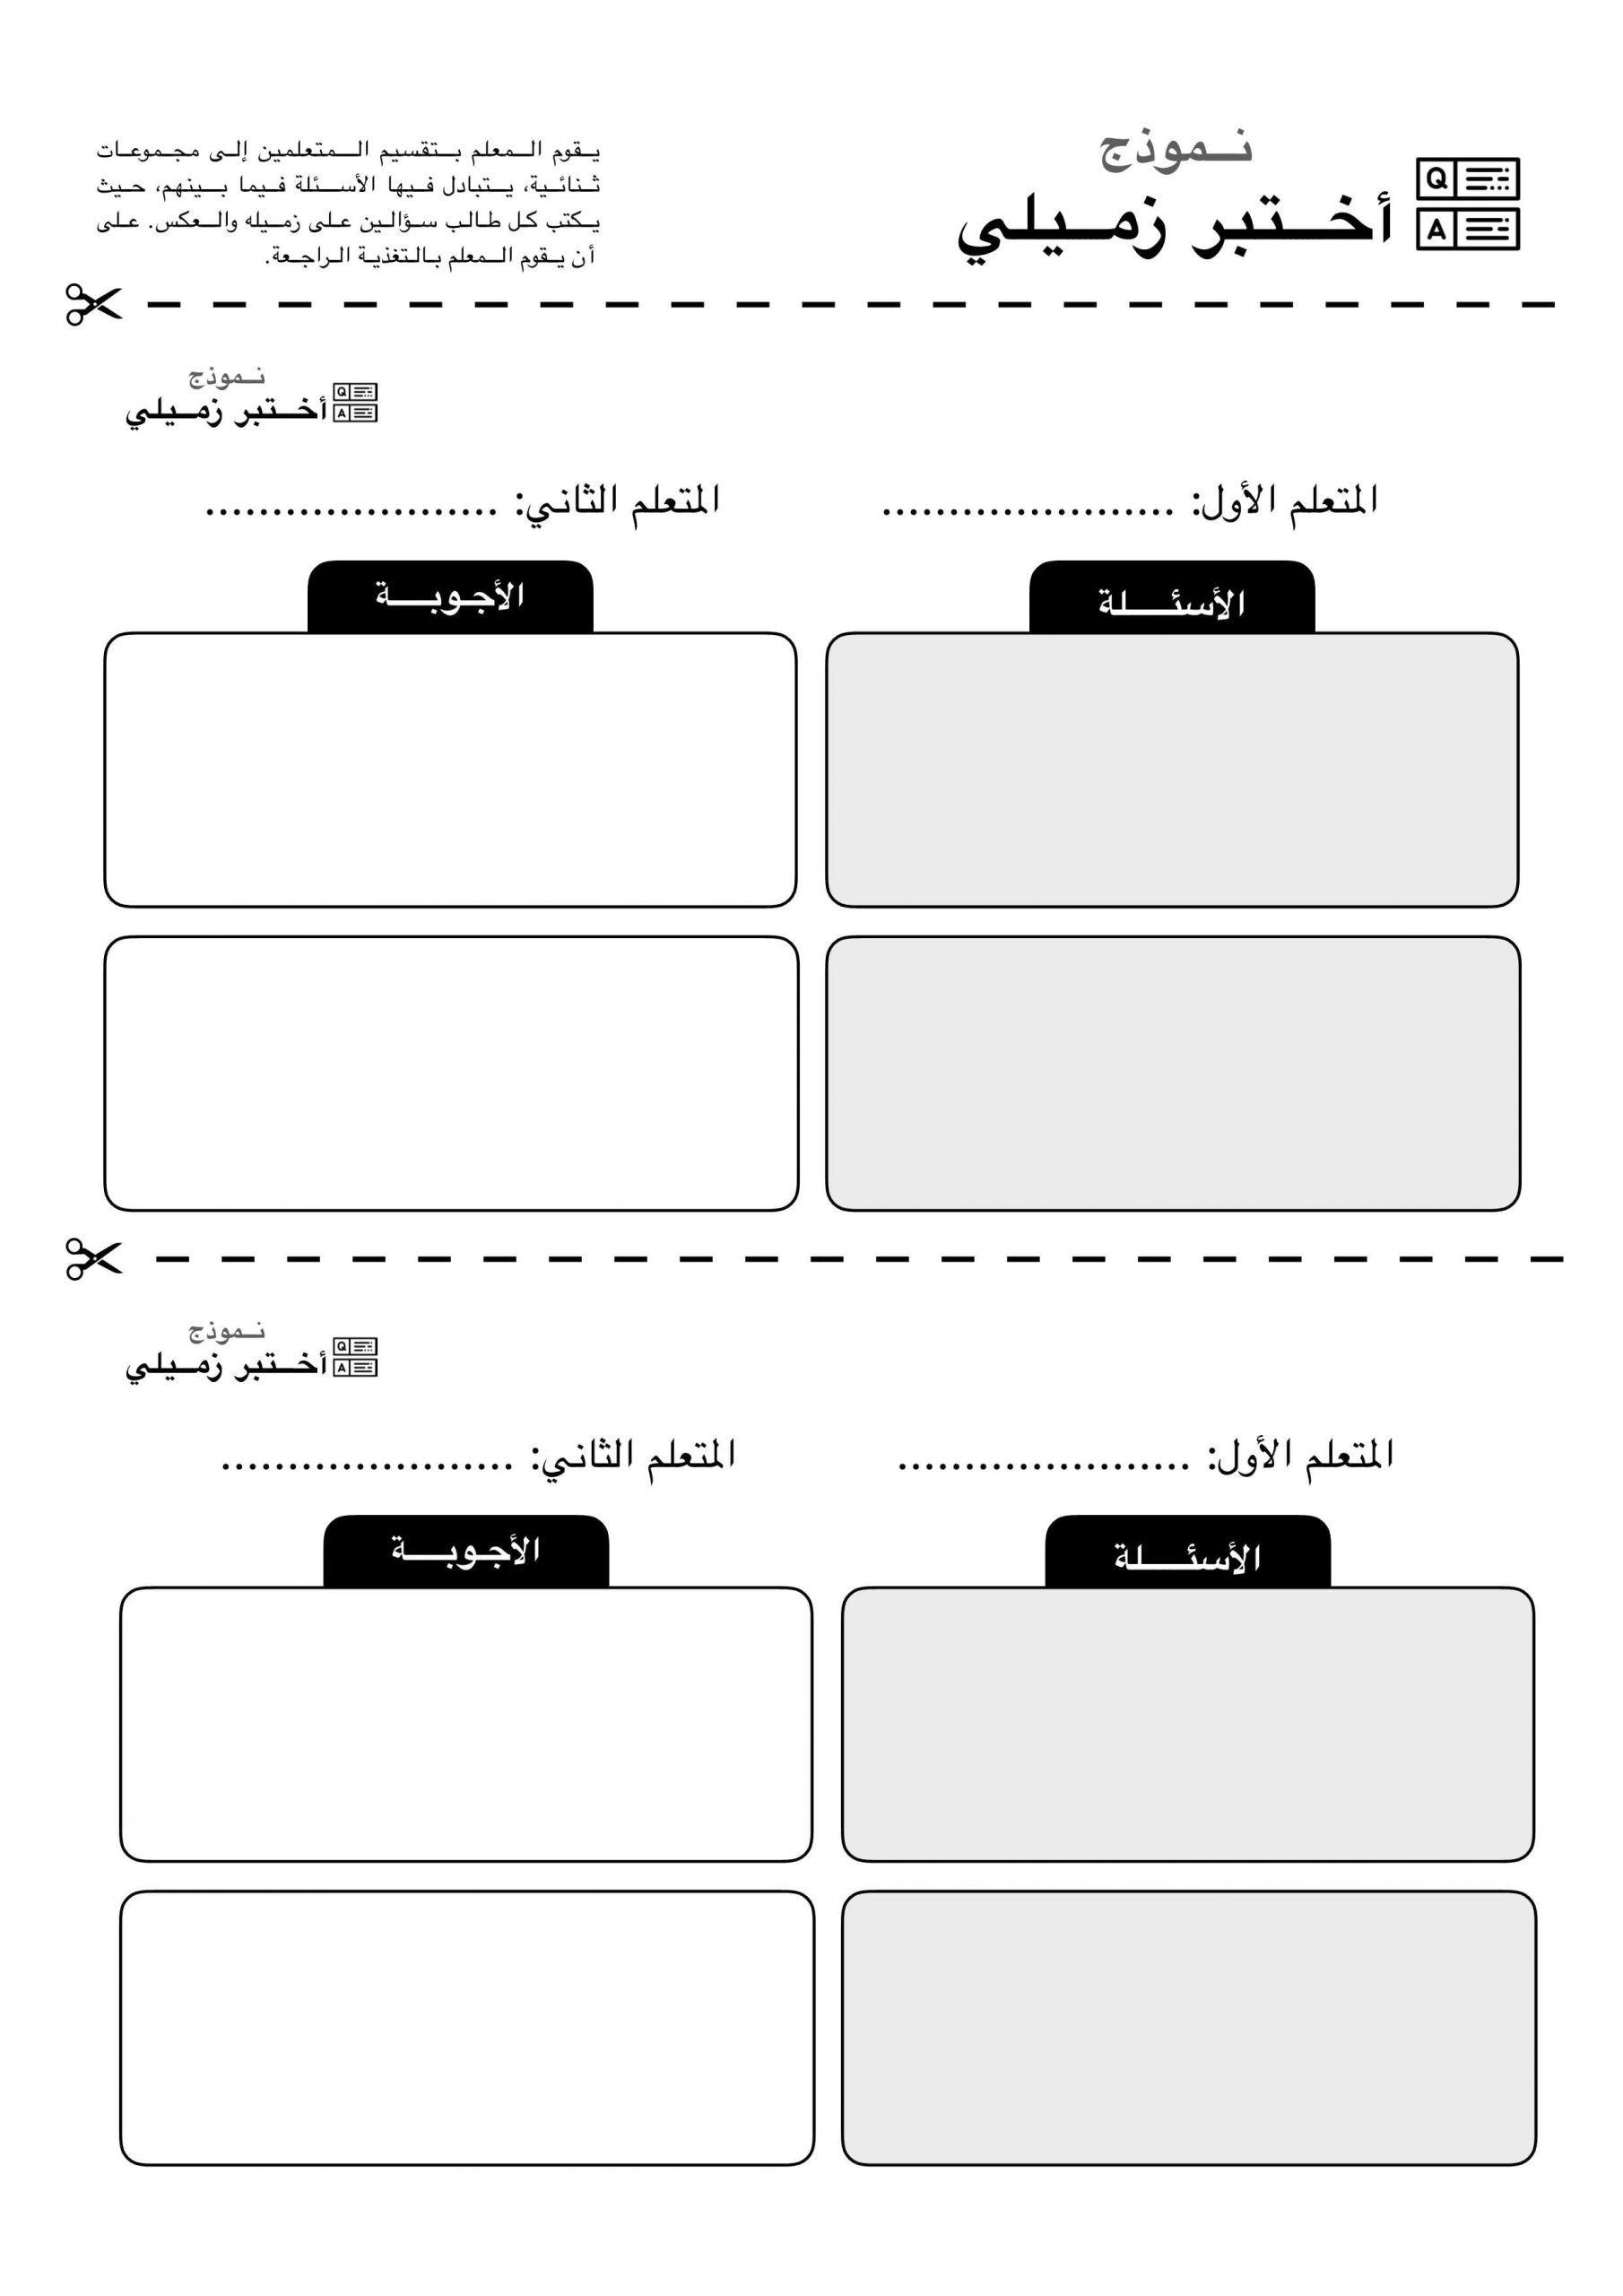 استراتيجية اختبر زميلي مميزة لجميع المراحلة التعليمية Art Screenshots Shopping